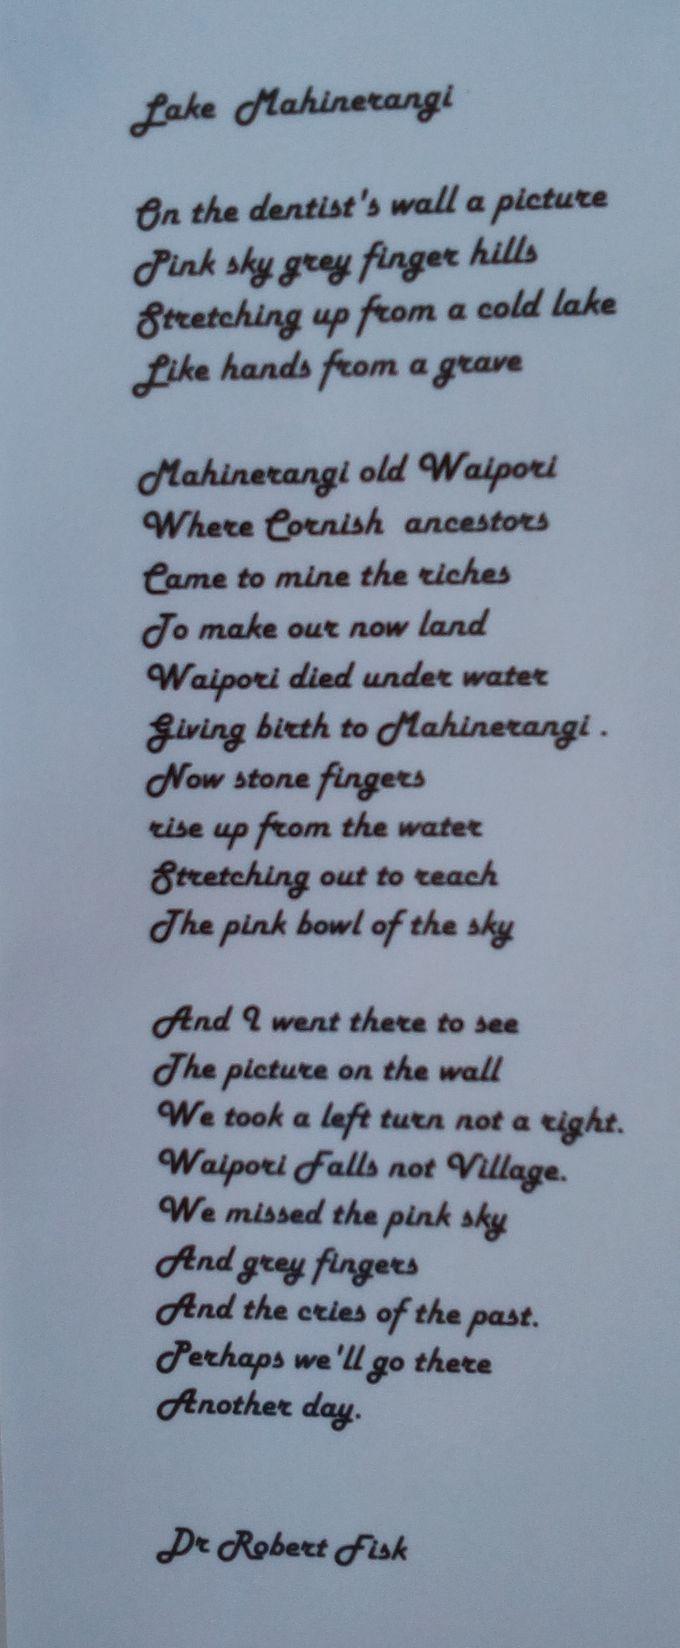 mahinerangi_poem